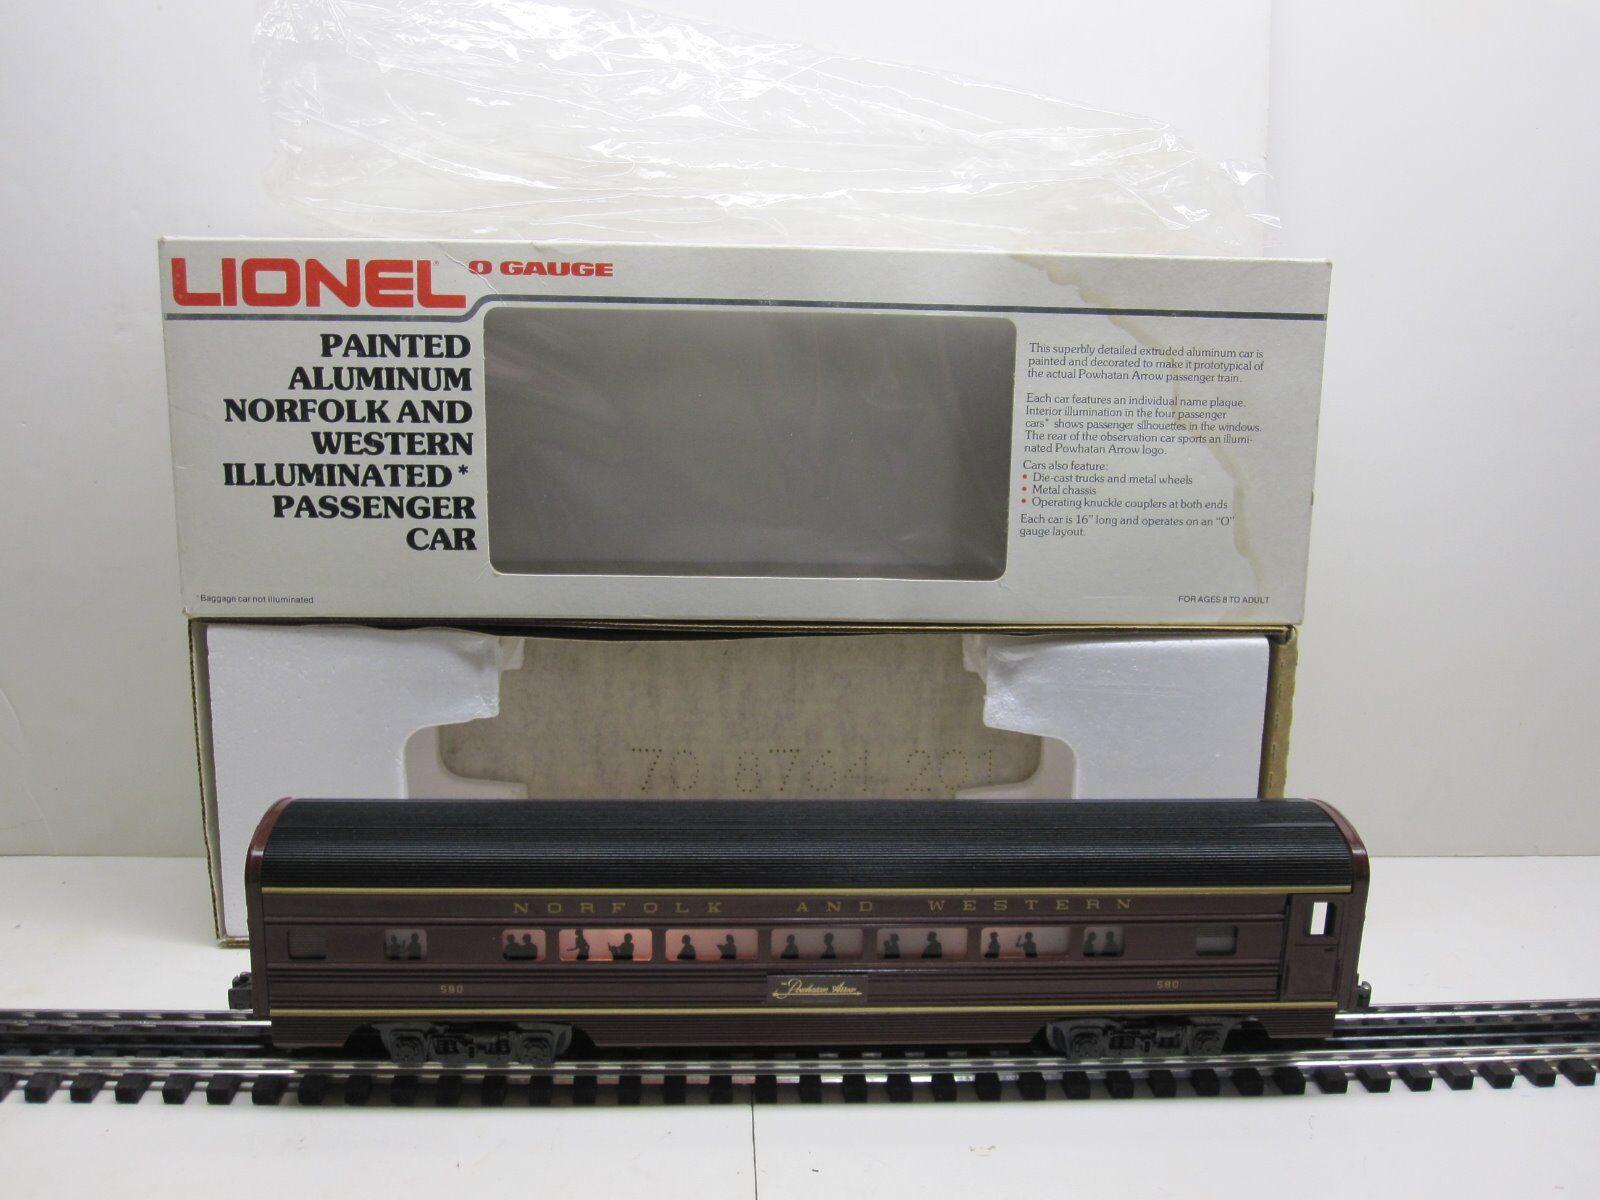 Lionel 69565 Norfolk e Western dipinto in tuttiuminio passeggero autorozza Scatola Originale